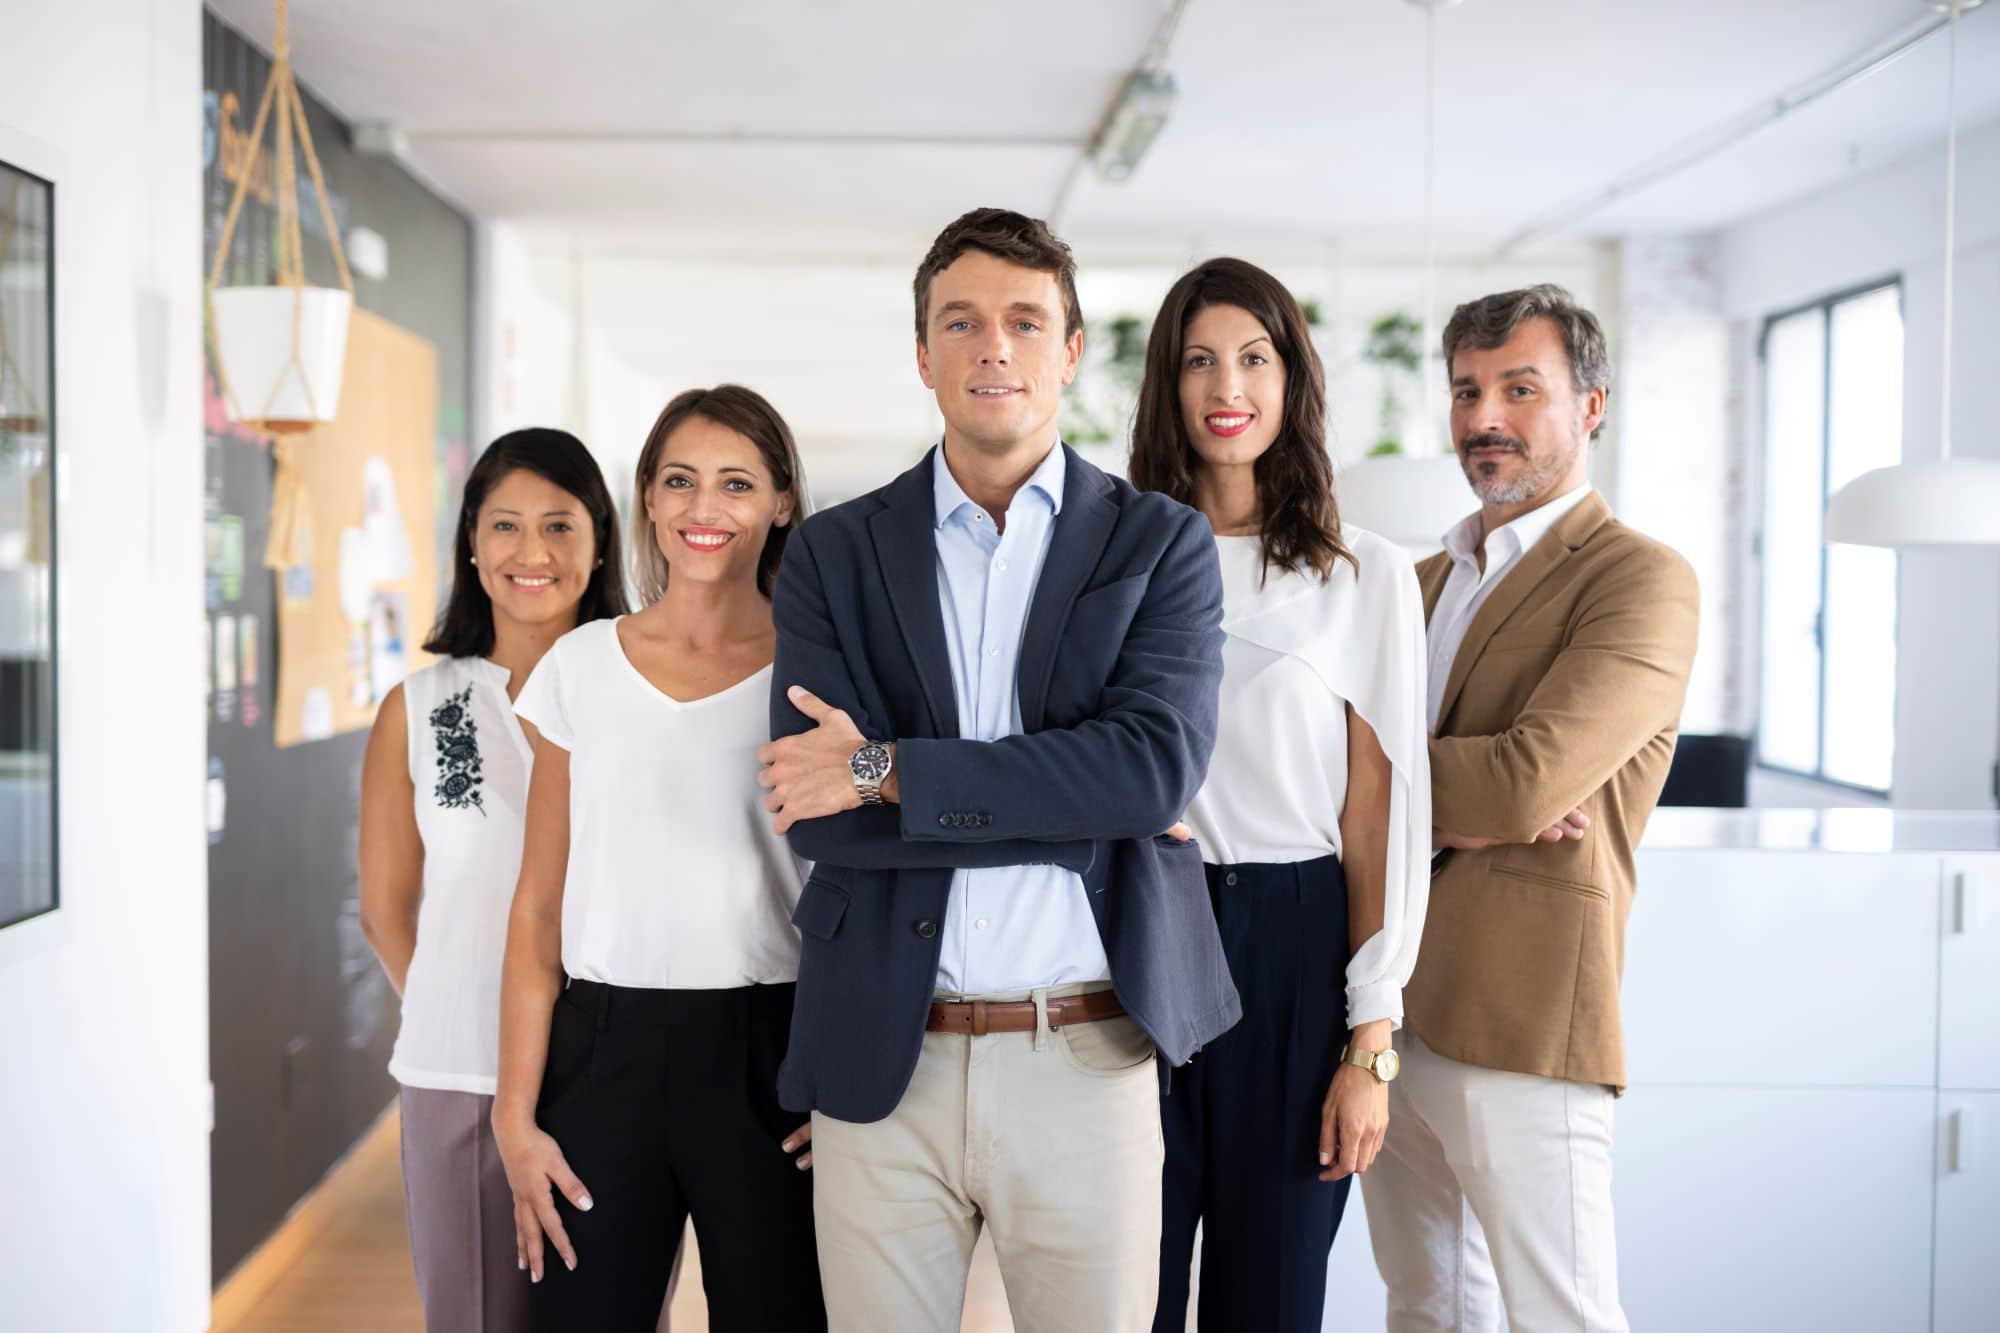 vue frontale d'un groupe de salariés